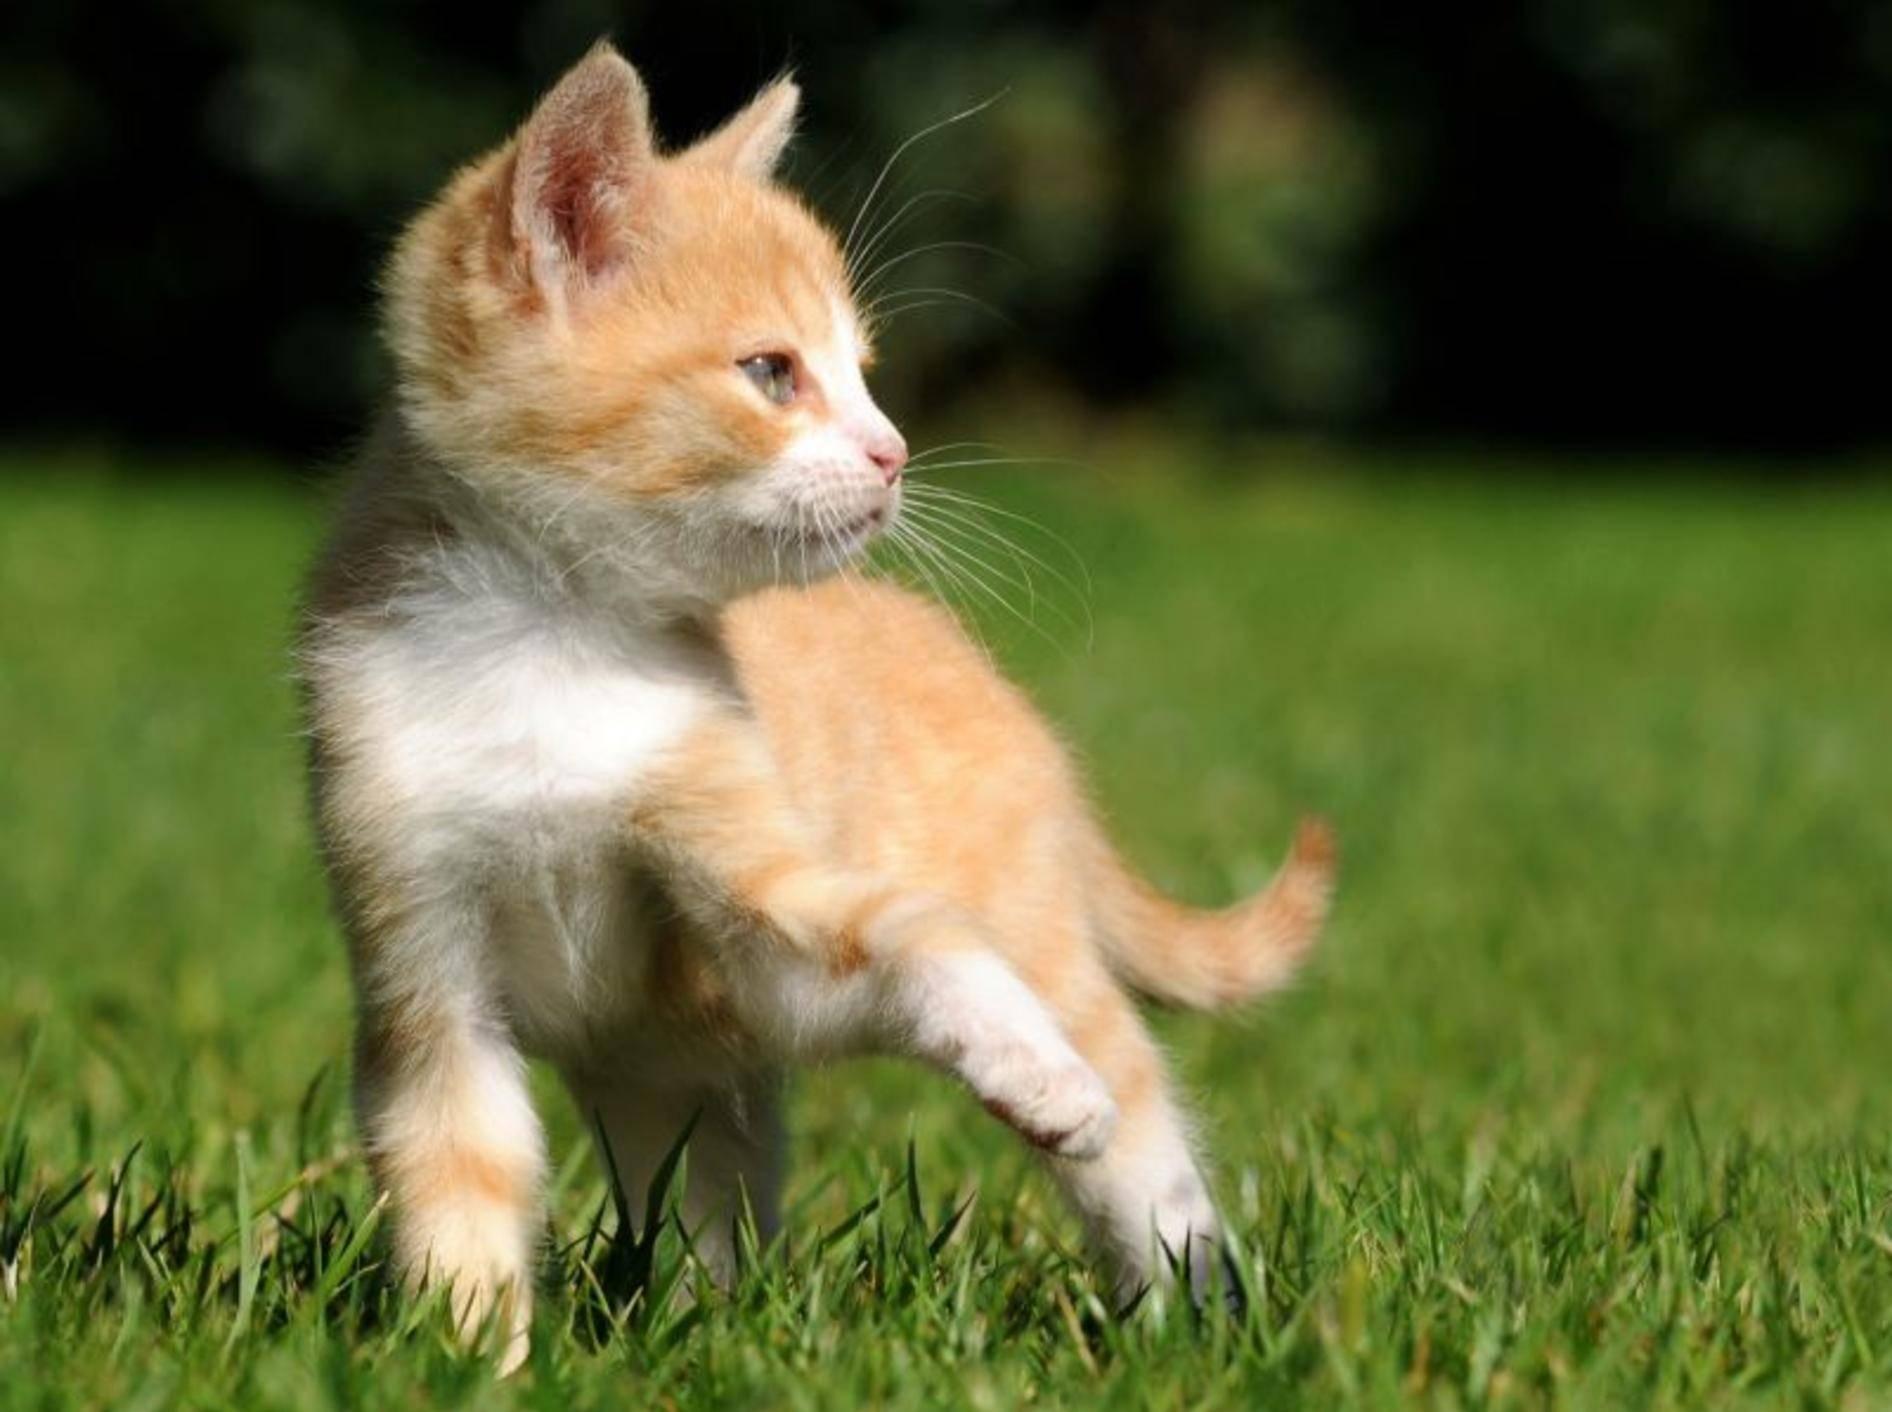 Katze kastrieren lassen: Vor oder nach dem Eintritt der Geschlechtsreife? — Bild: Shutterstock / Schubbel